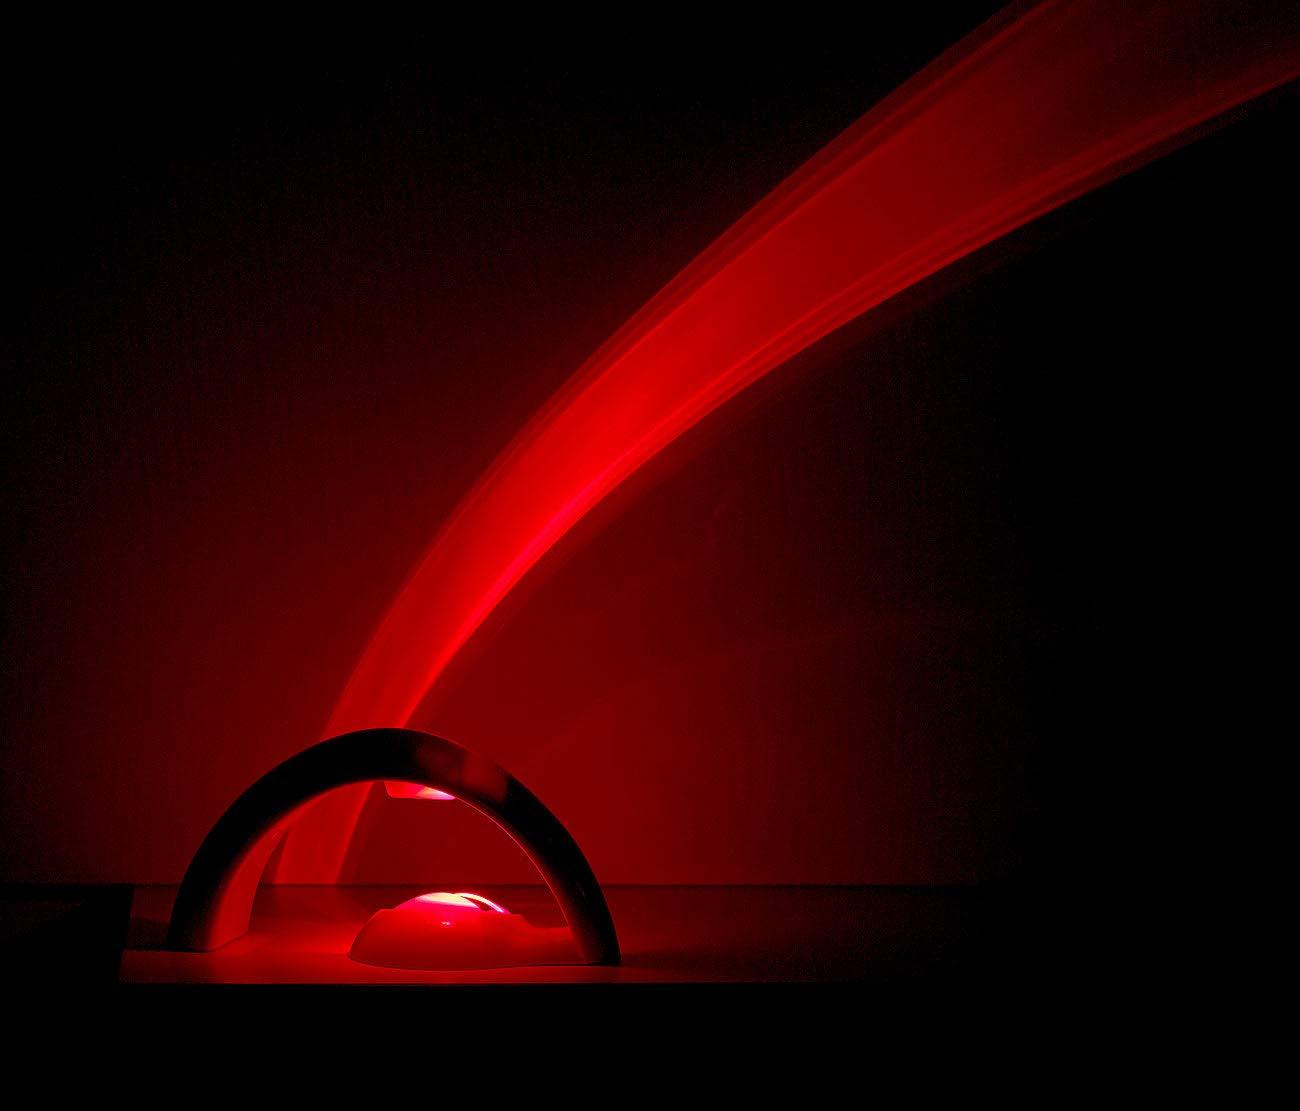 LED-Regenbogen-Projektionsleuchte f/ür Schlaf und Kinderzimmer Timer Playtastic Regenbogen Projektor Regenbogenlampe